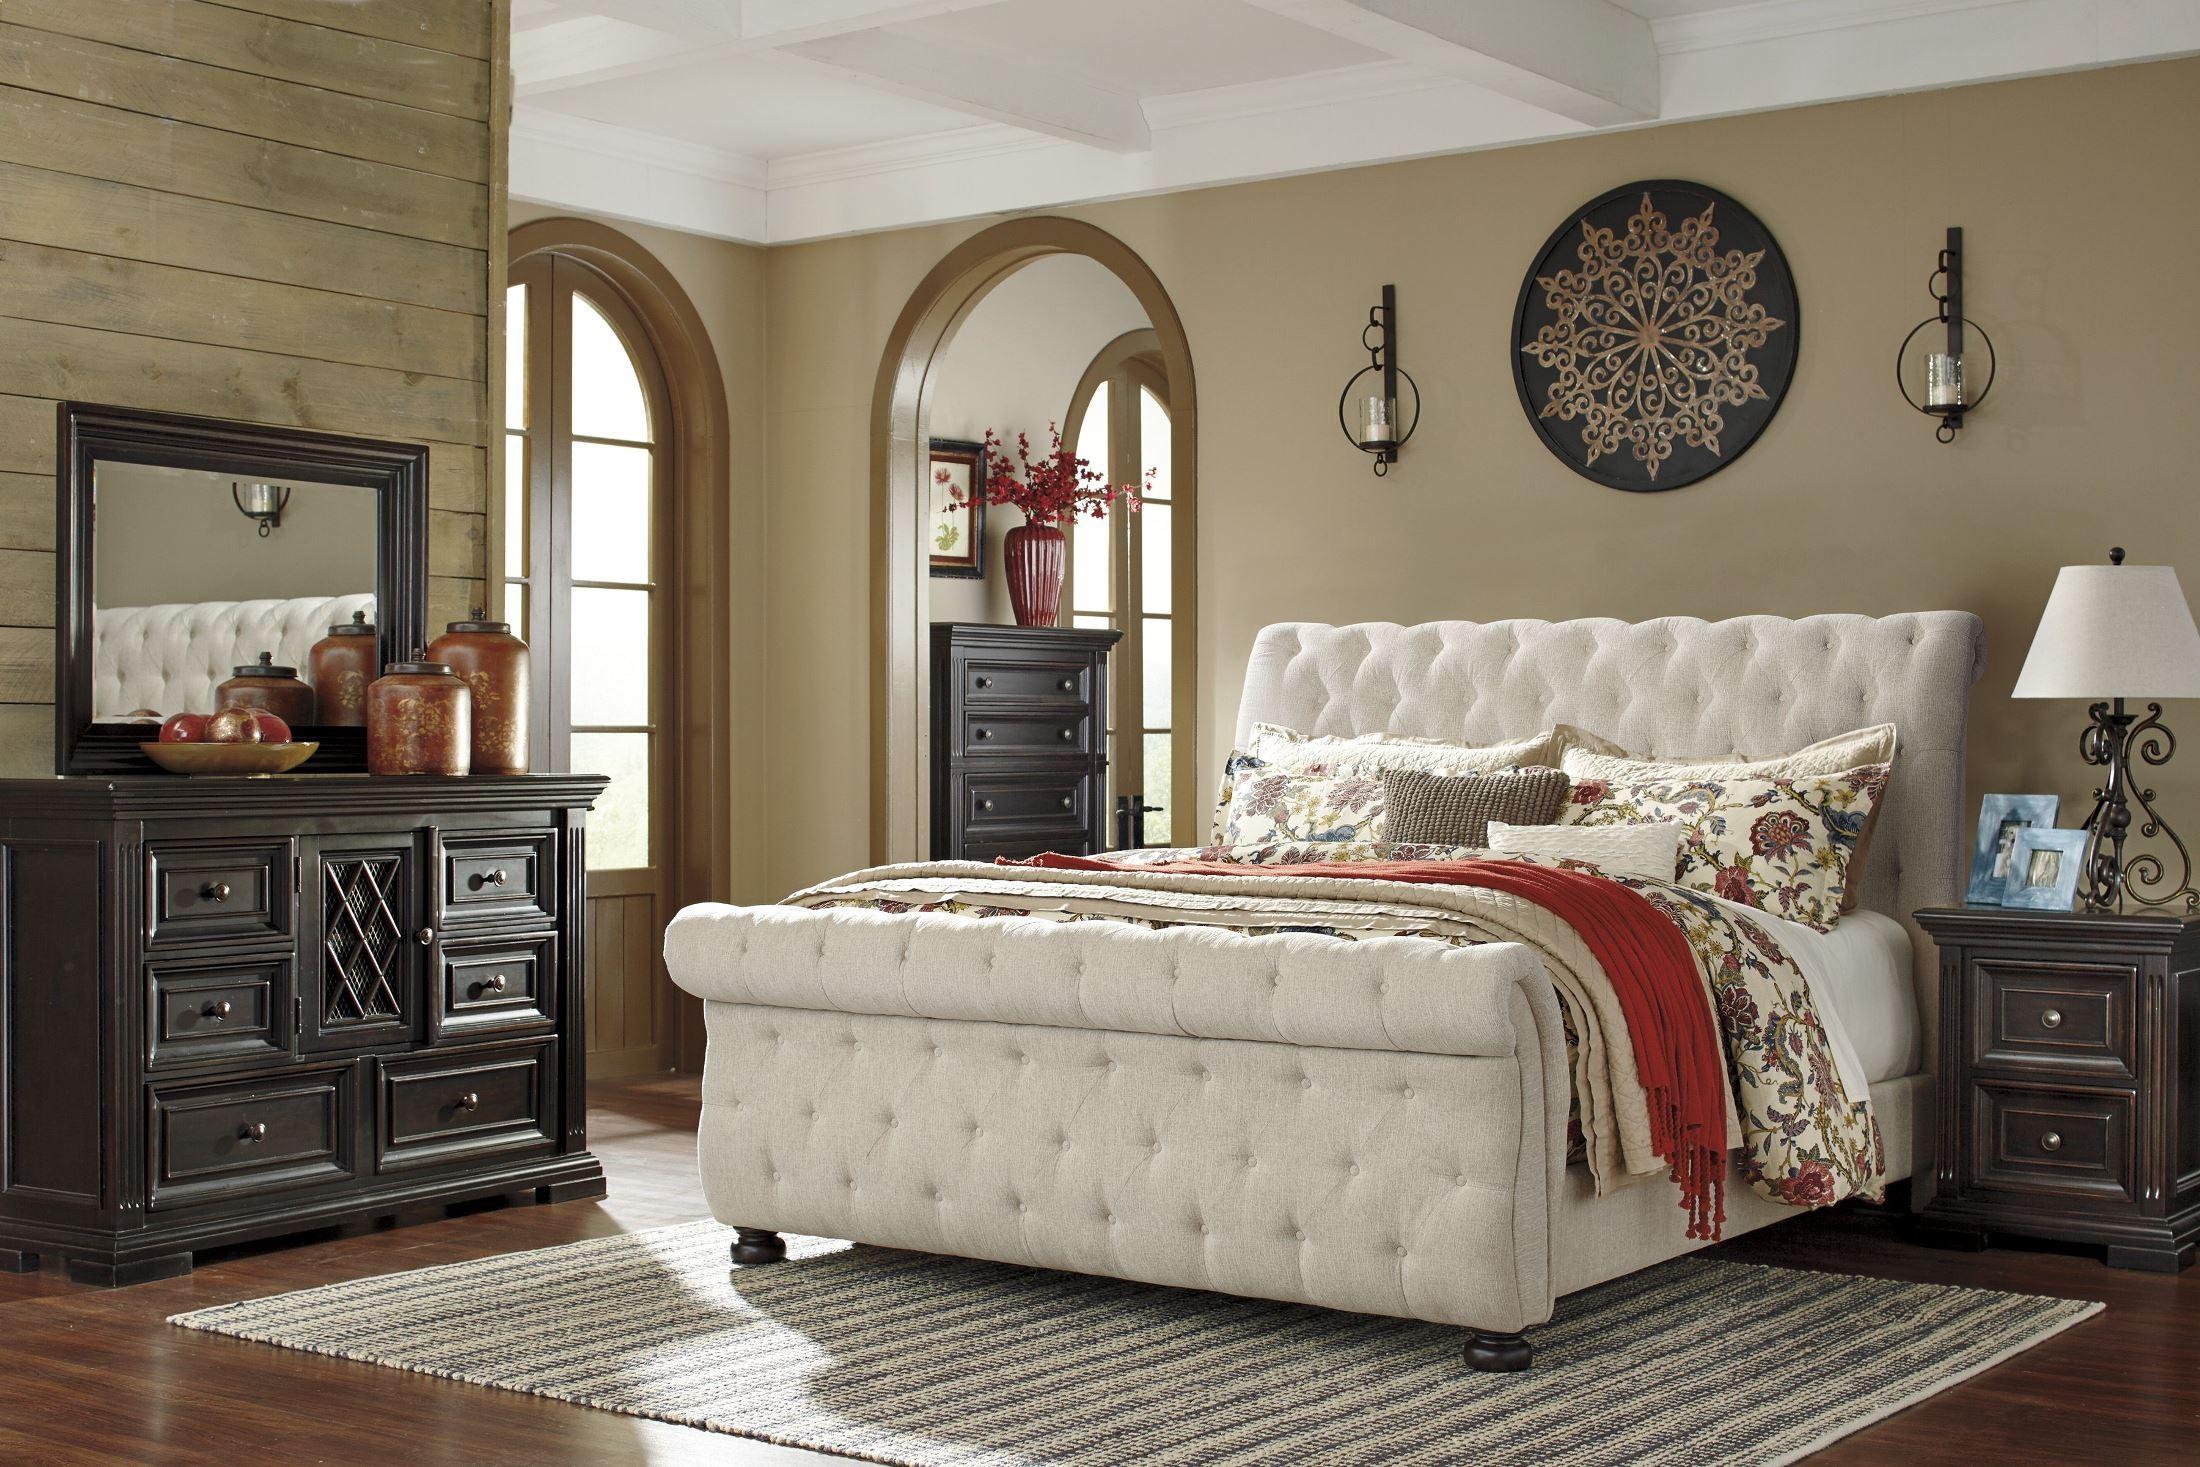 بالصور غرف نوم كلاسيك , عشاق الديكورات الكلاسيك لغرف النوم 572 3